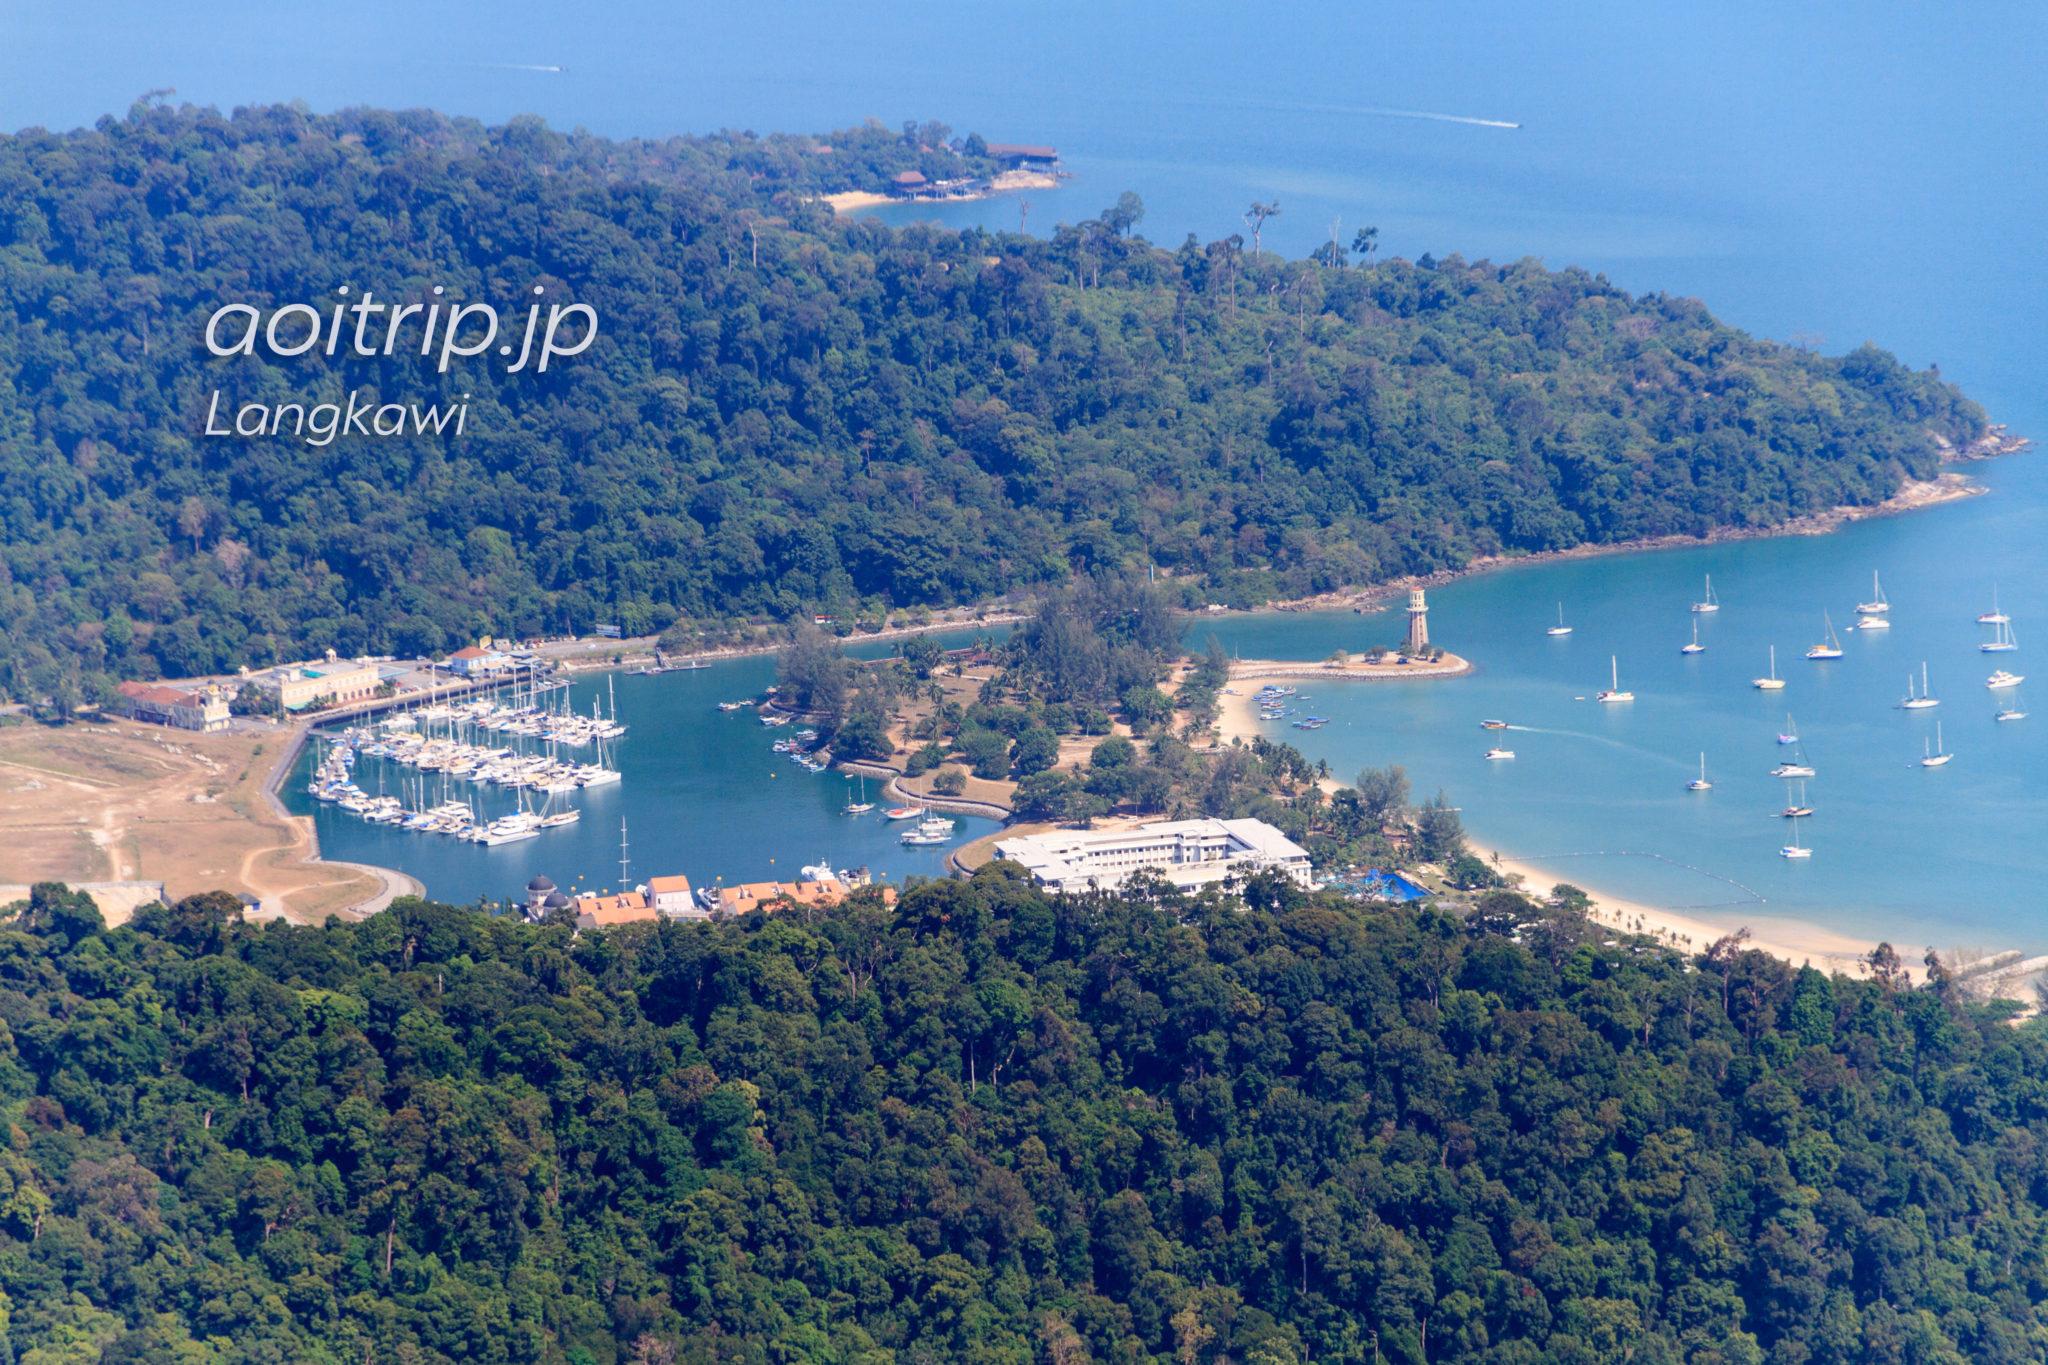 ランカウイ島ケーブルカーSkyCabから望むテラガハーバーの眺望